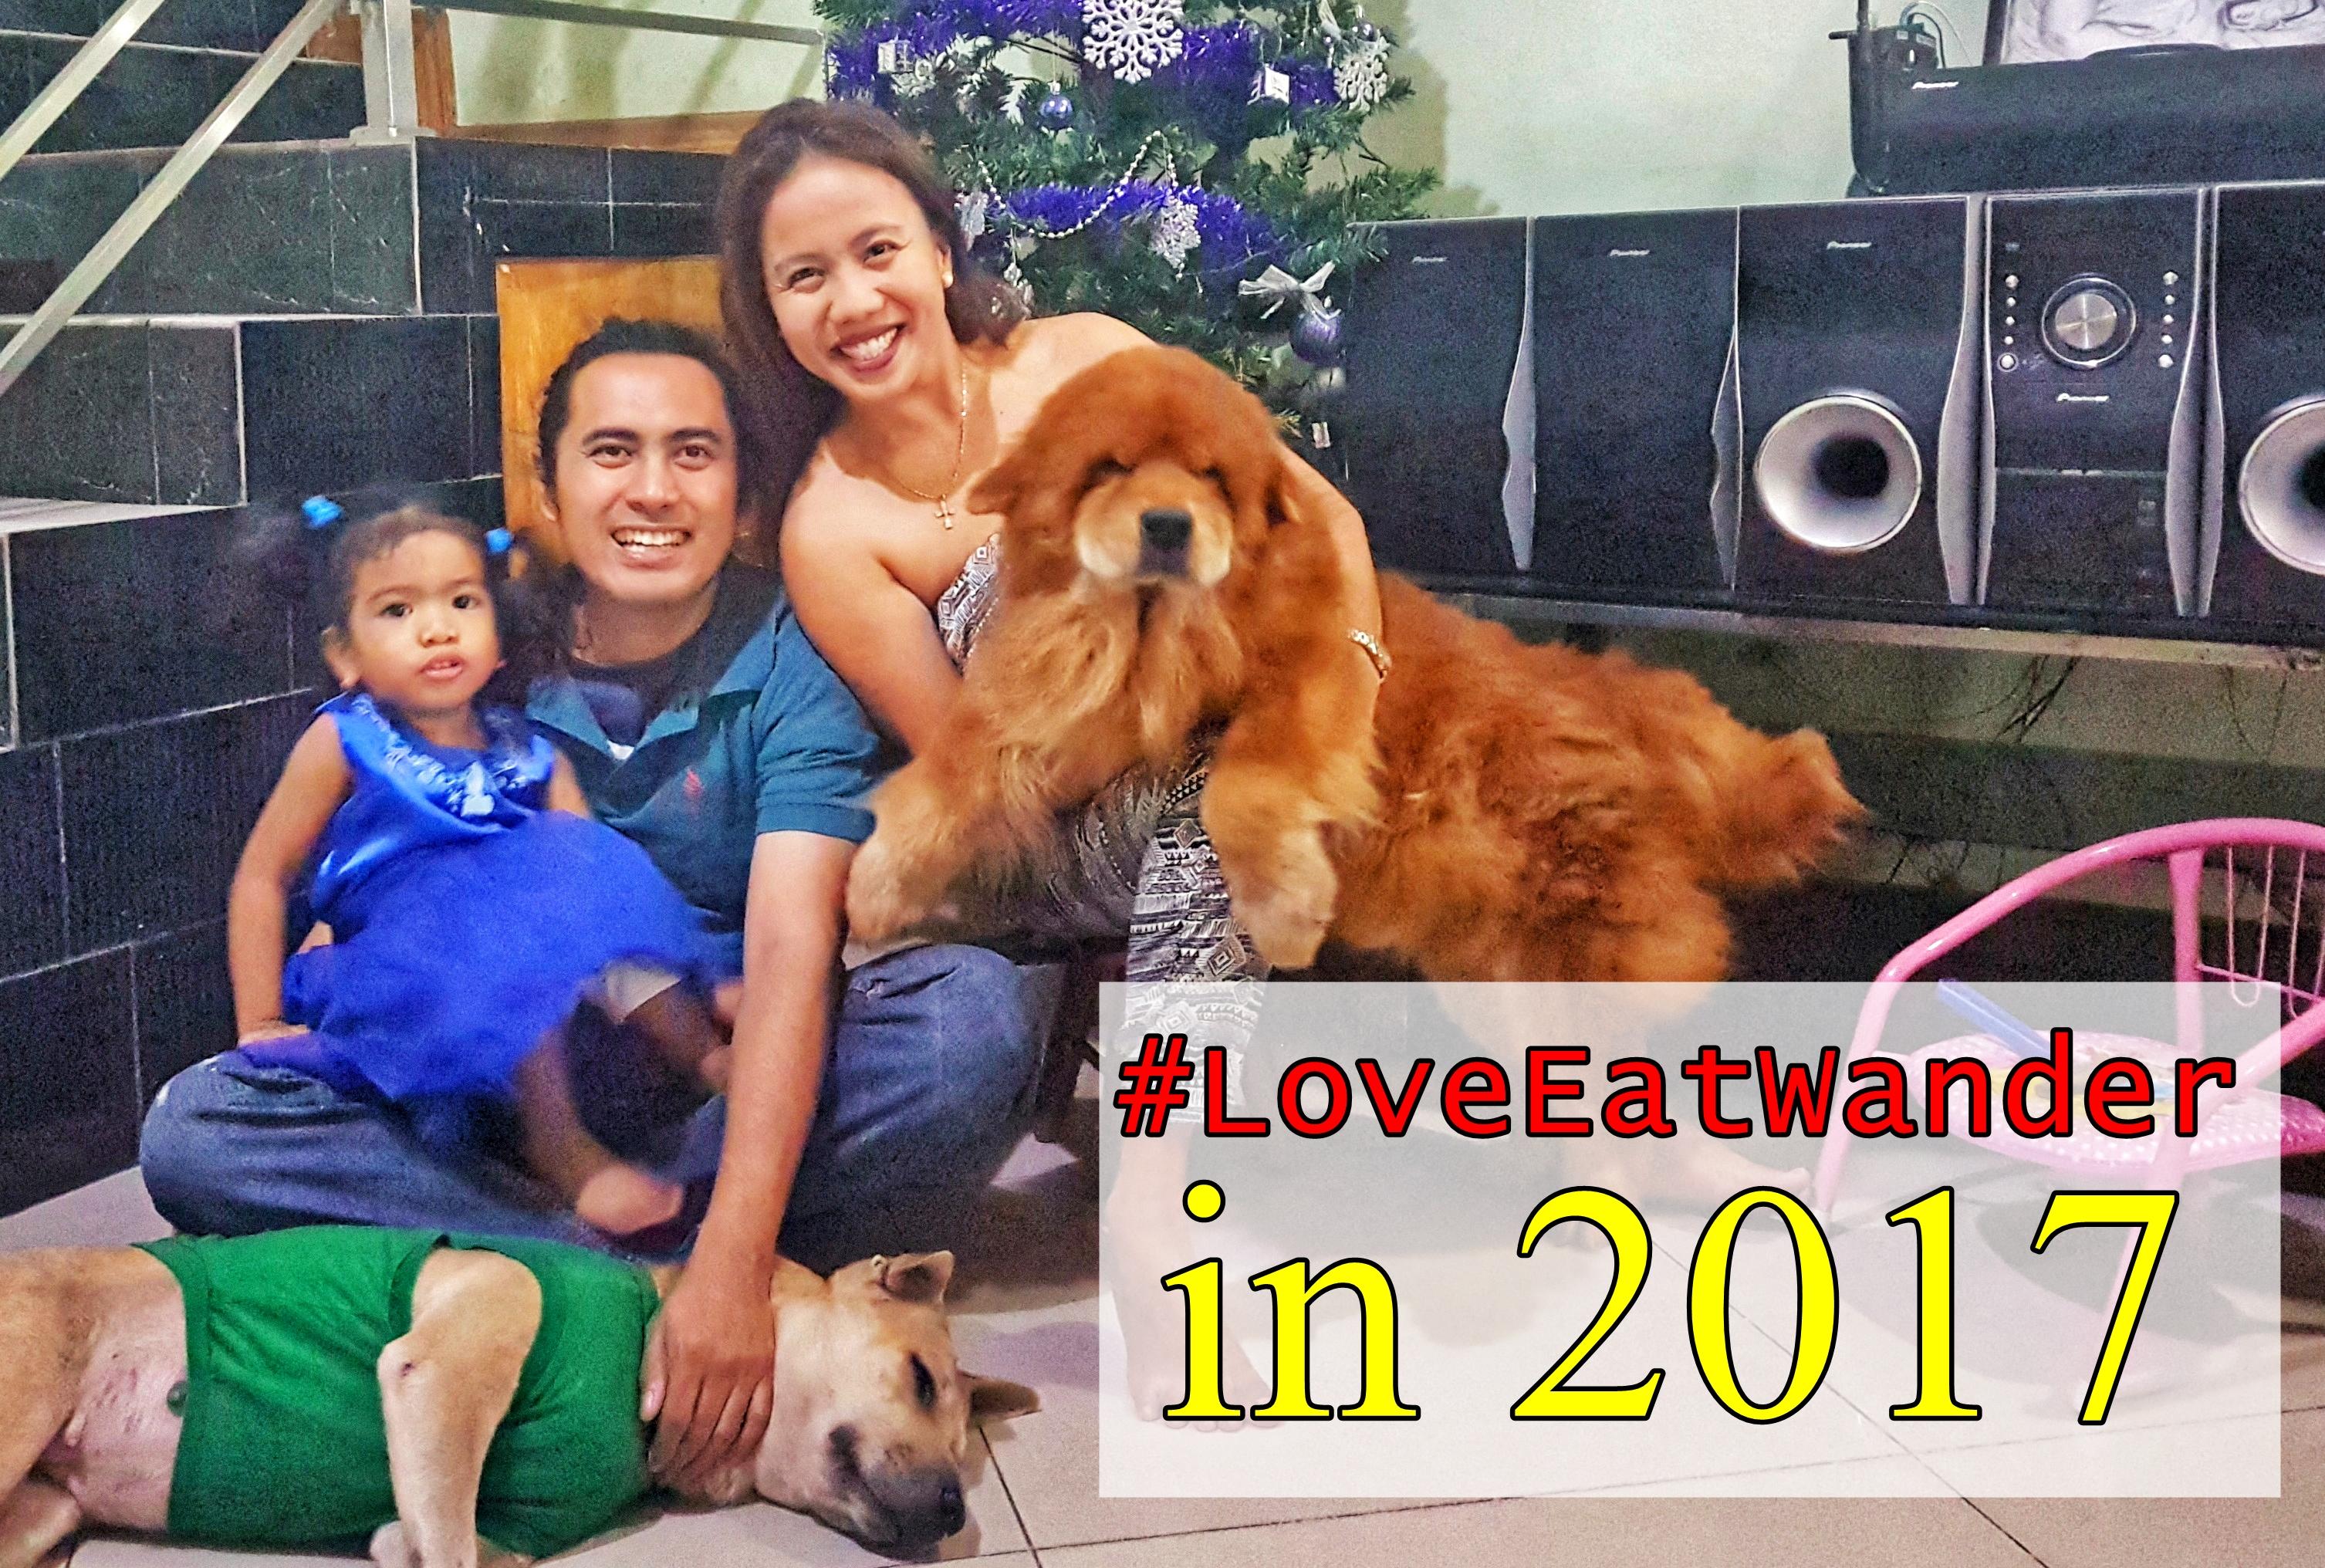 LoveEatWander in 2017